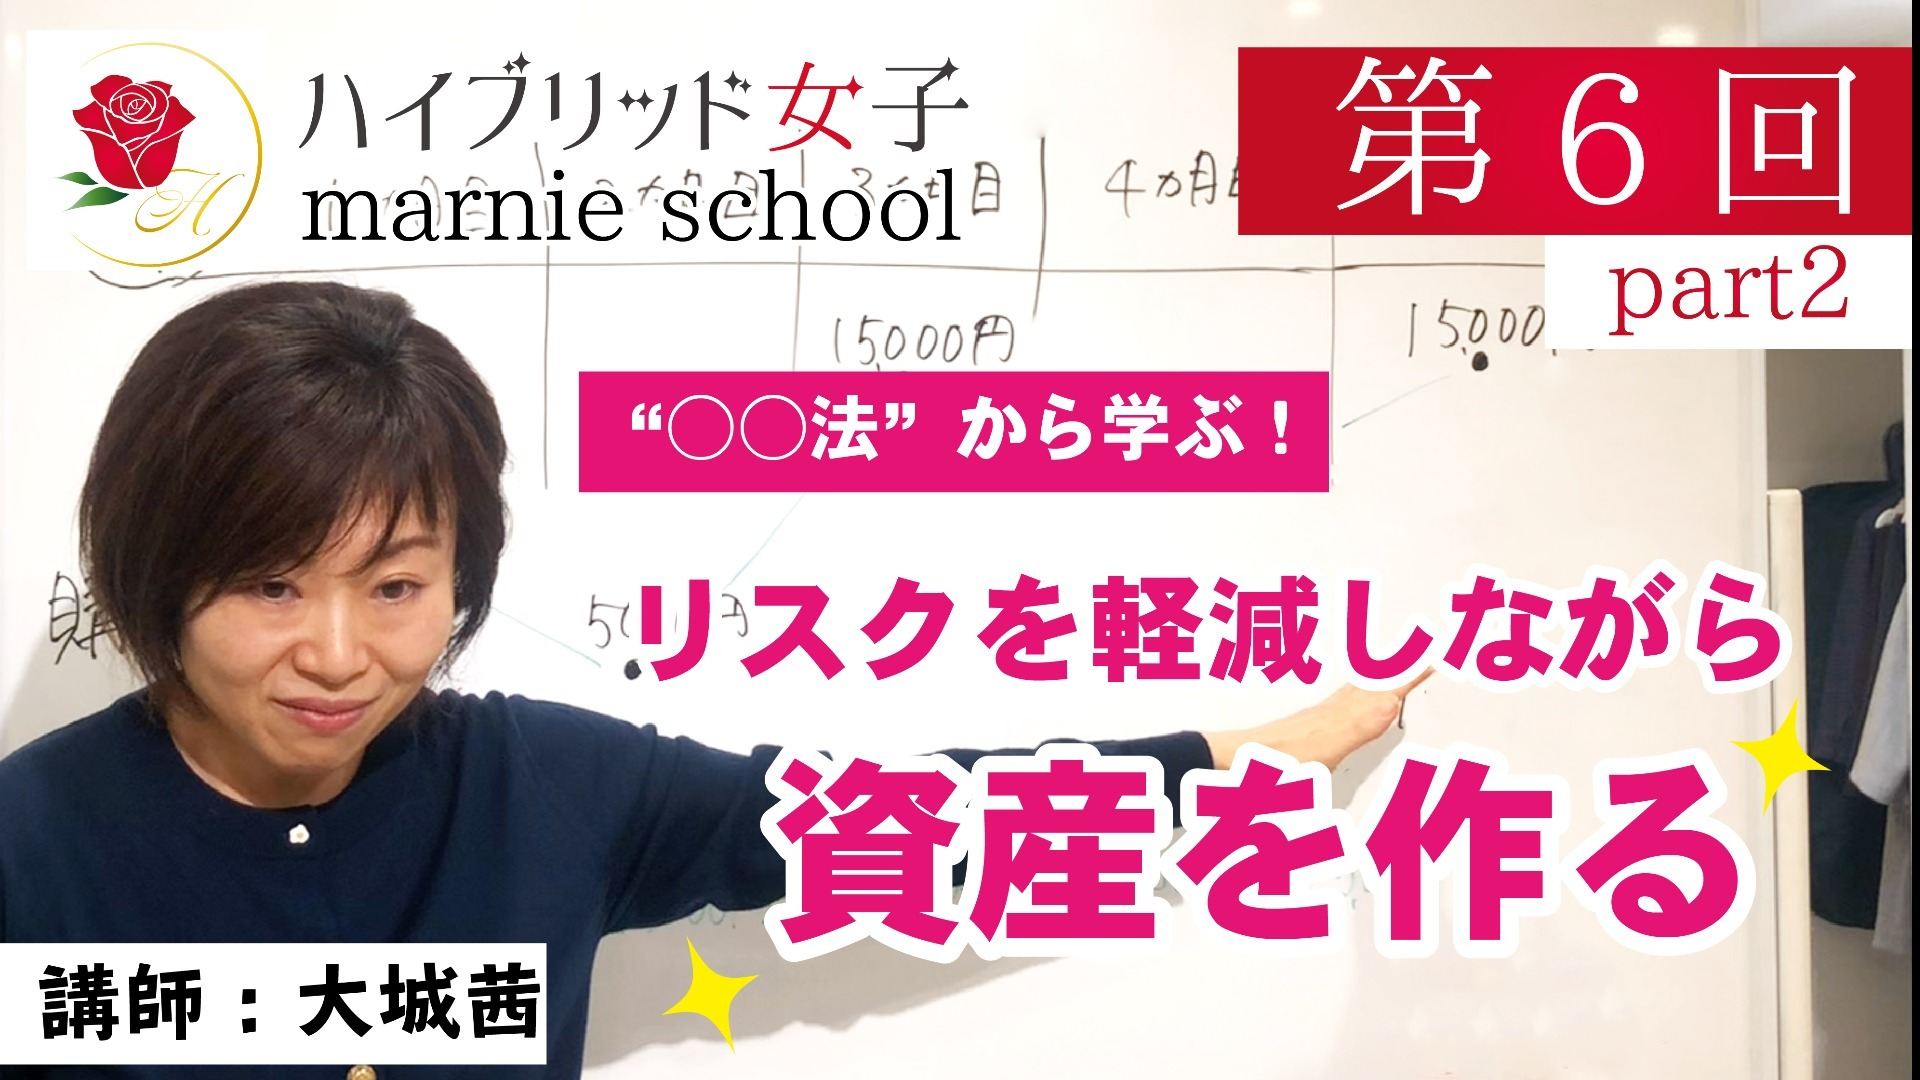 【中級編】Marnie school 第6回part2